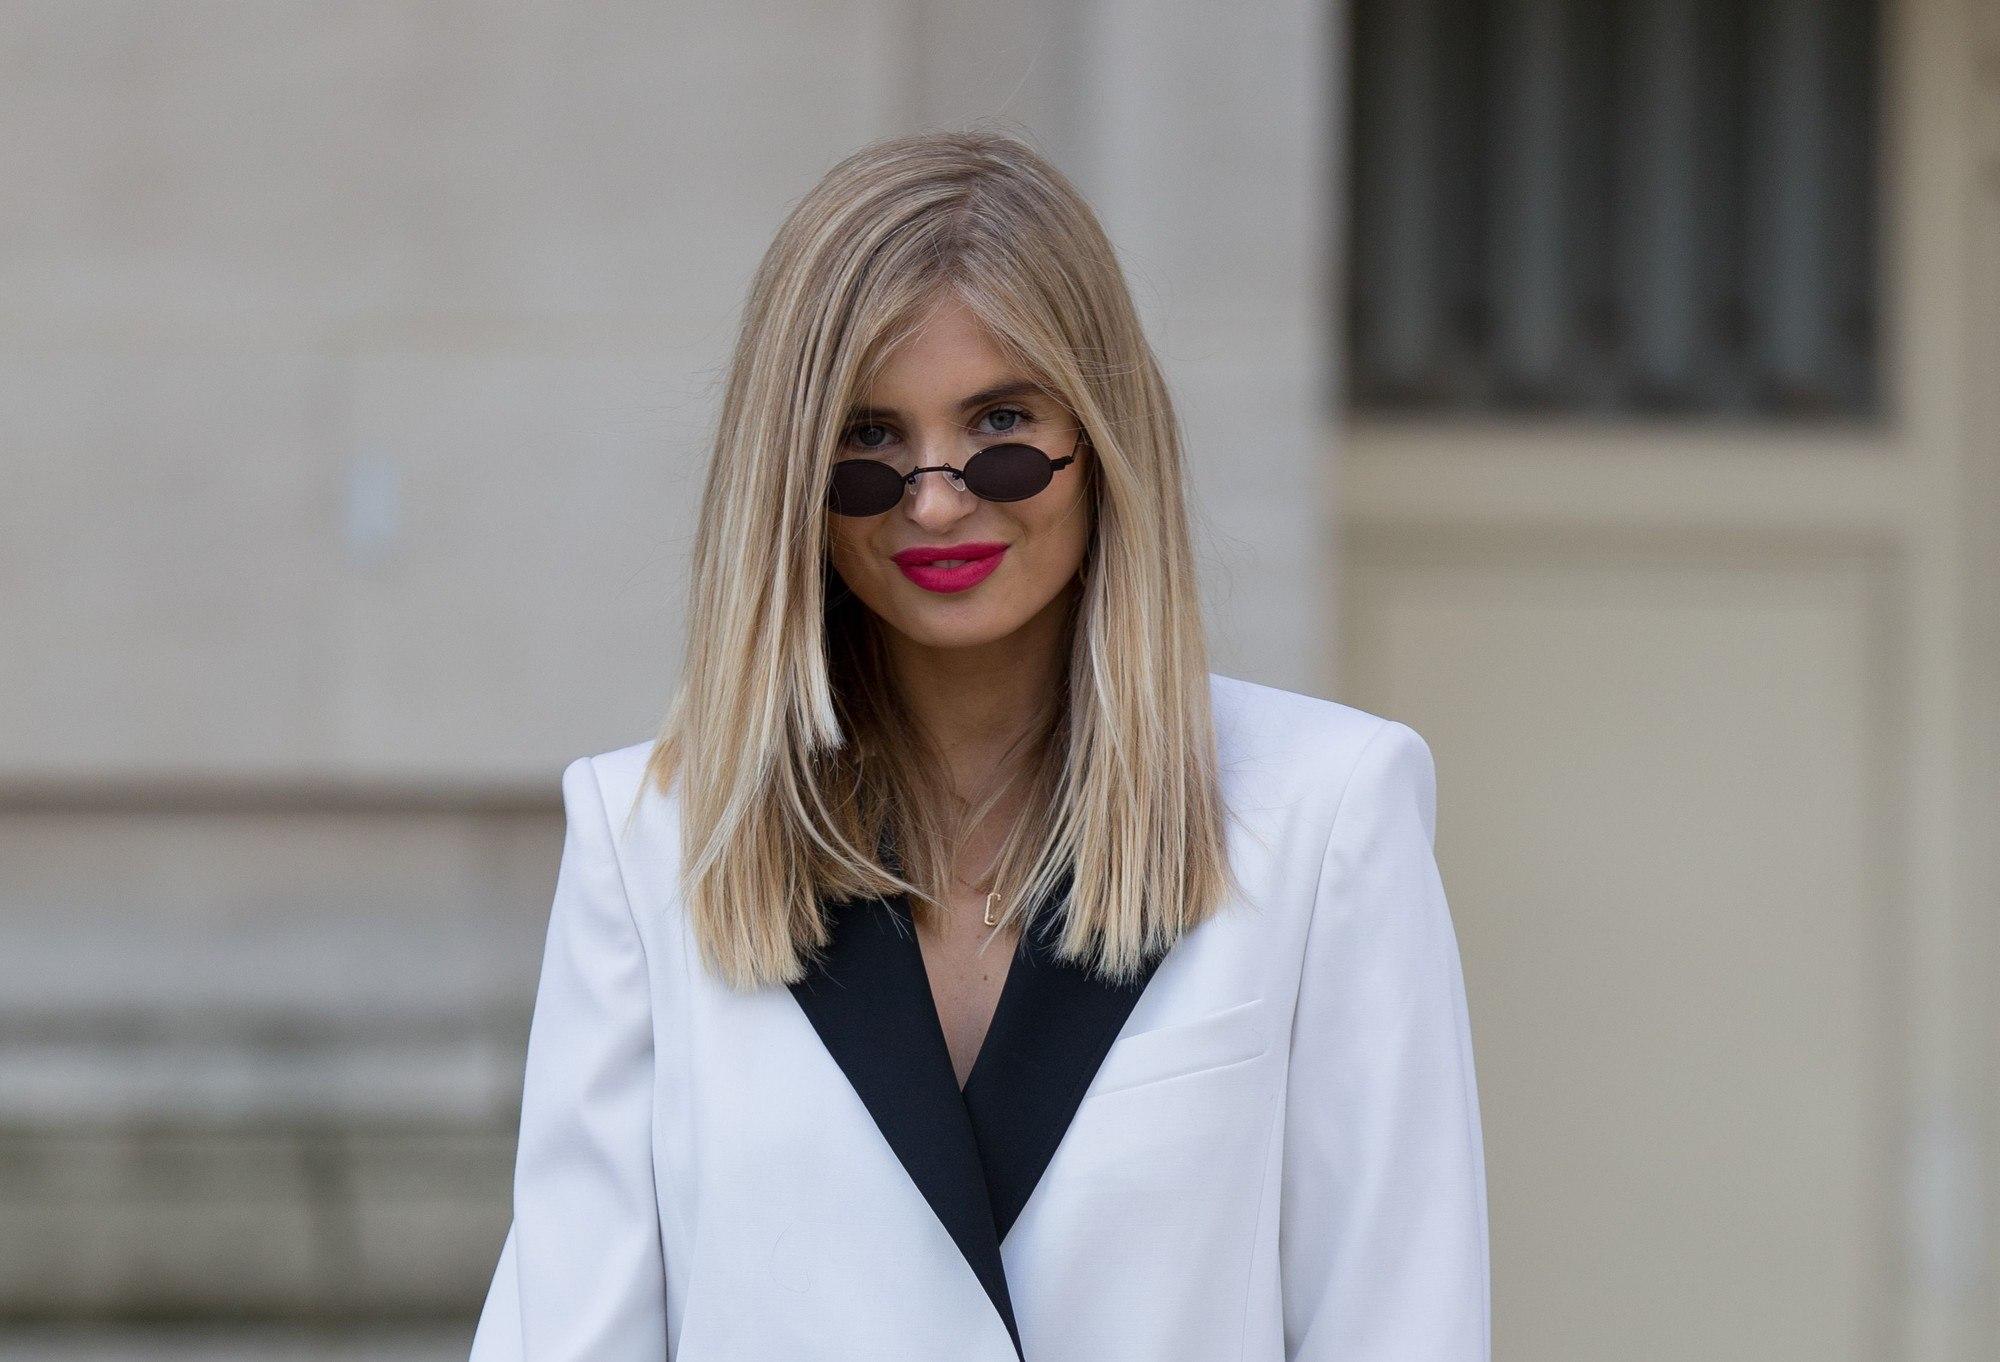 Plan rapproché d'un mannequin de style urbain aux racines blondes naturelles fondues dans une couleur de cheveux blonde cendrée, portant une veste de costume blanche et des lunettes de soleil, posant à l'extérieur.